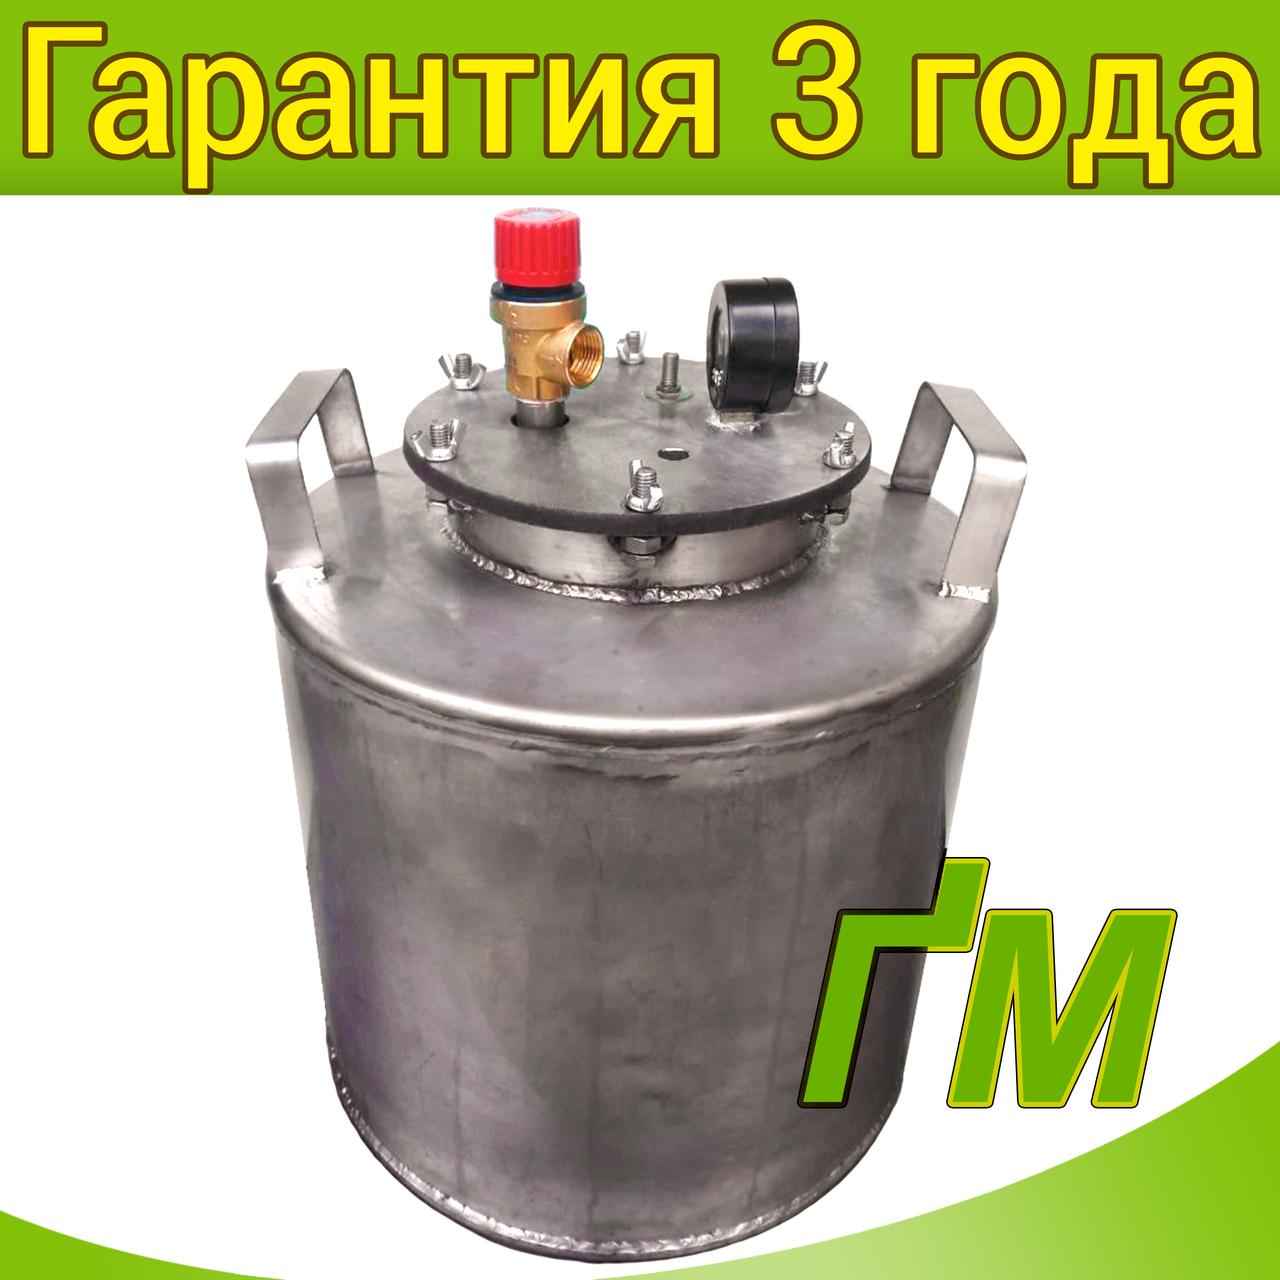 Автоклав НС-16 (нержавеющая сталь на 16 банок) + подарок